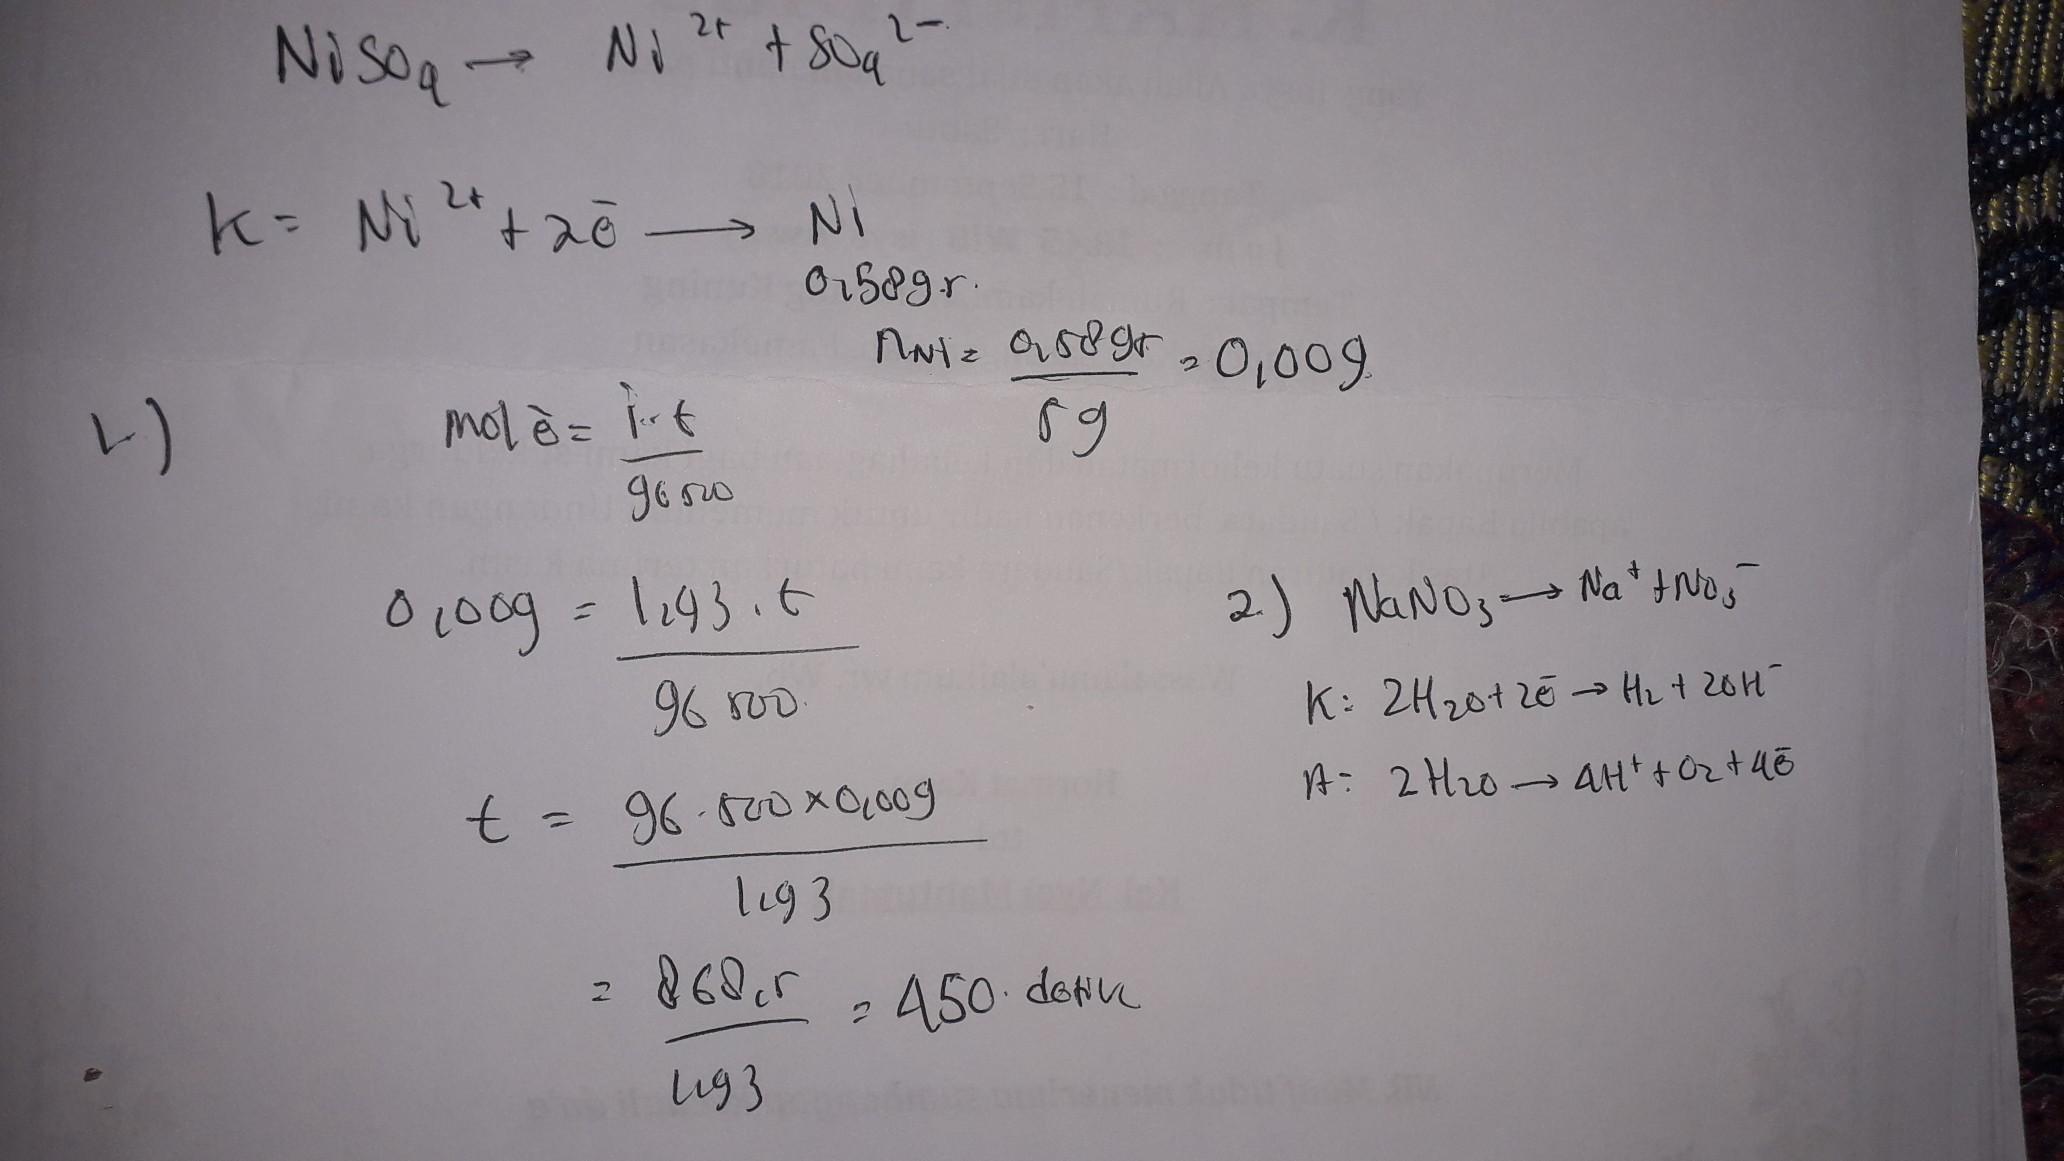 1. larutan NiSO4 di elektrolisis dengan arus 1,93 ampere ...